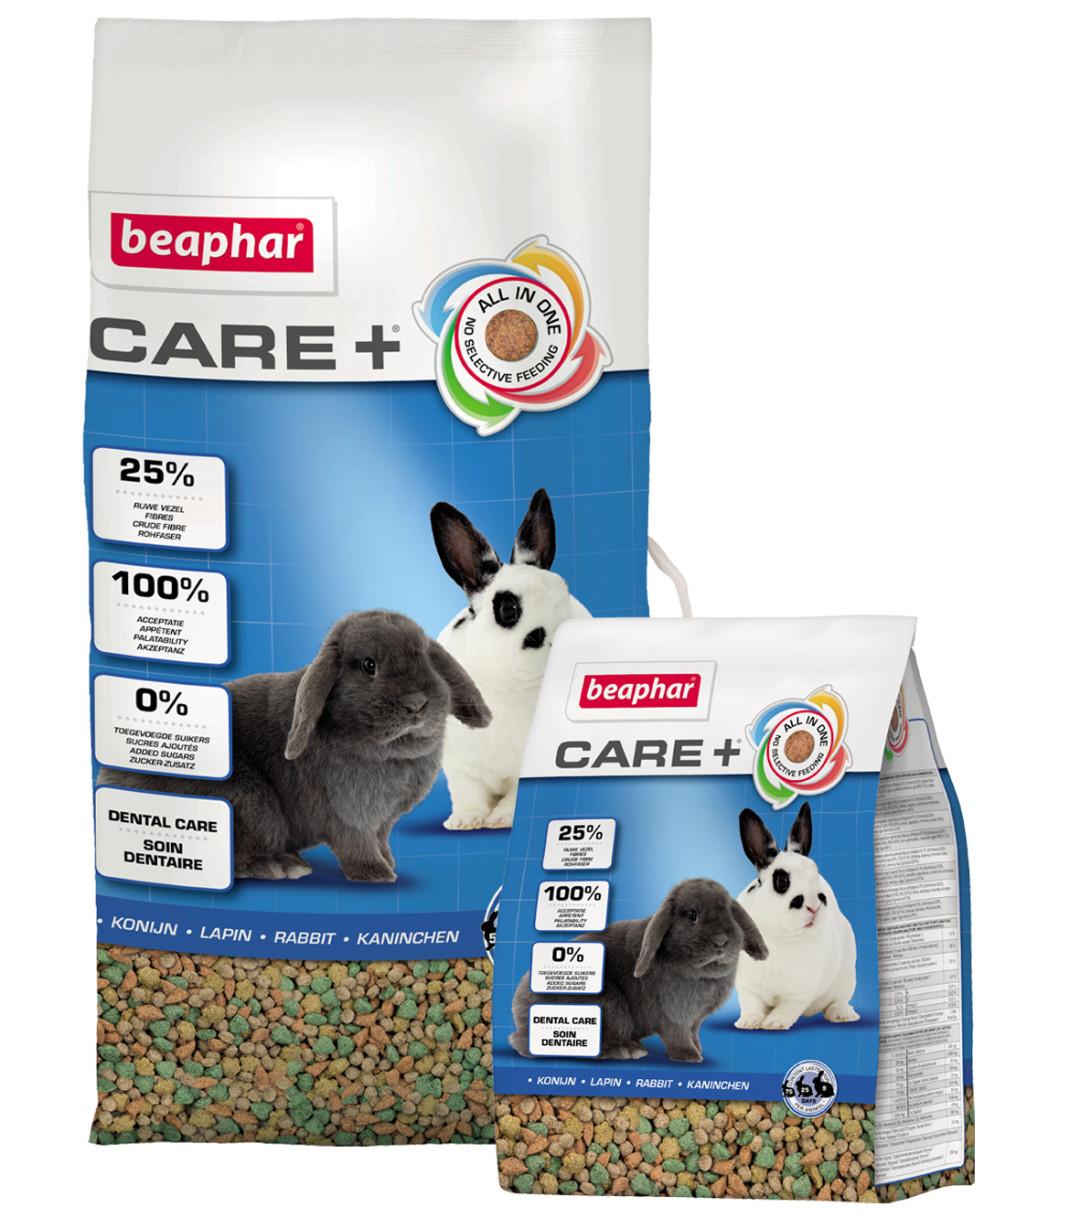 Beaphar Care+ konijn 10 kg